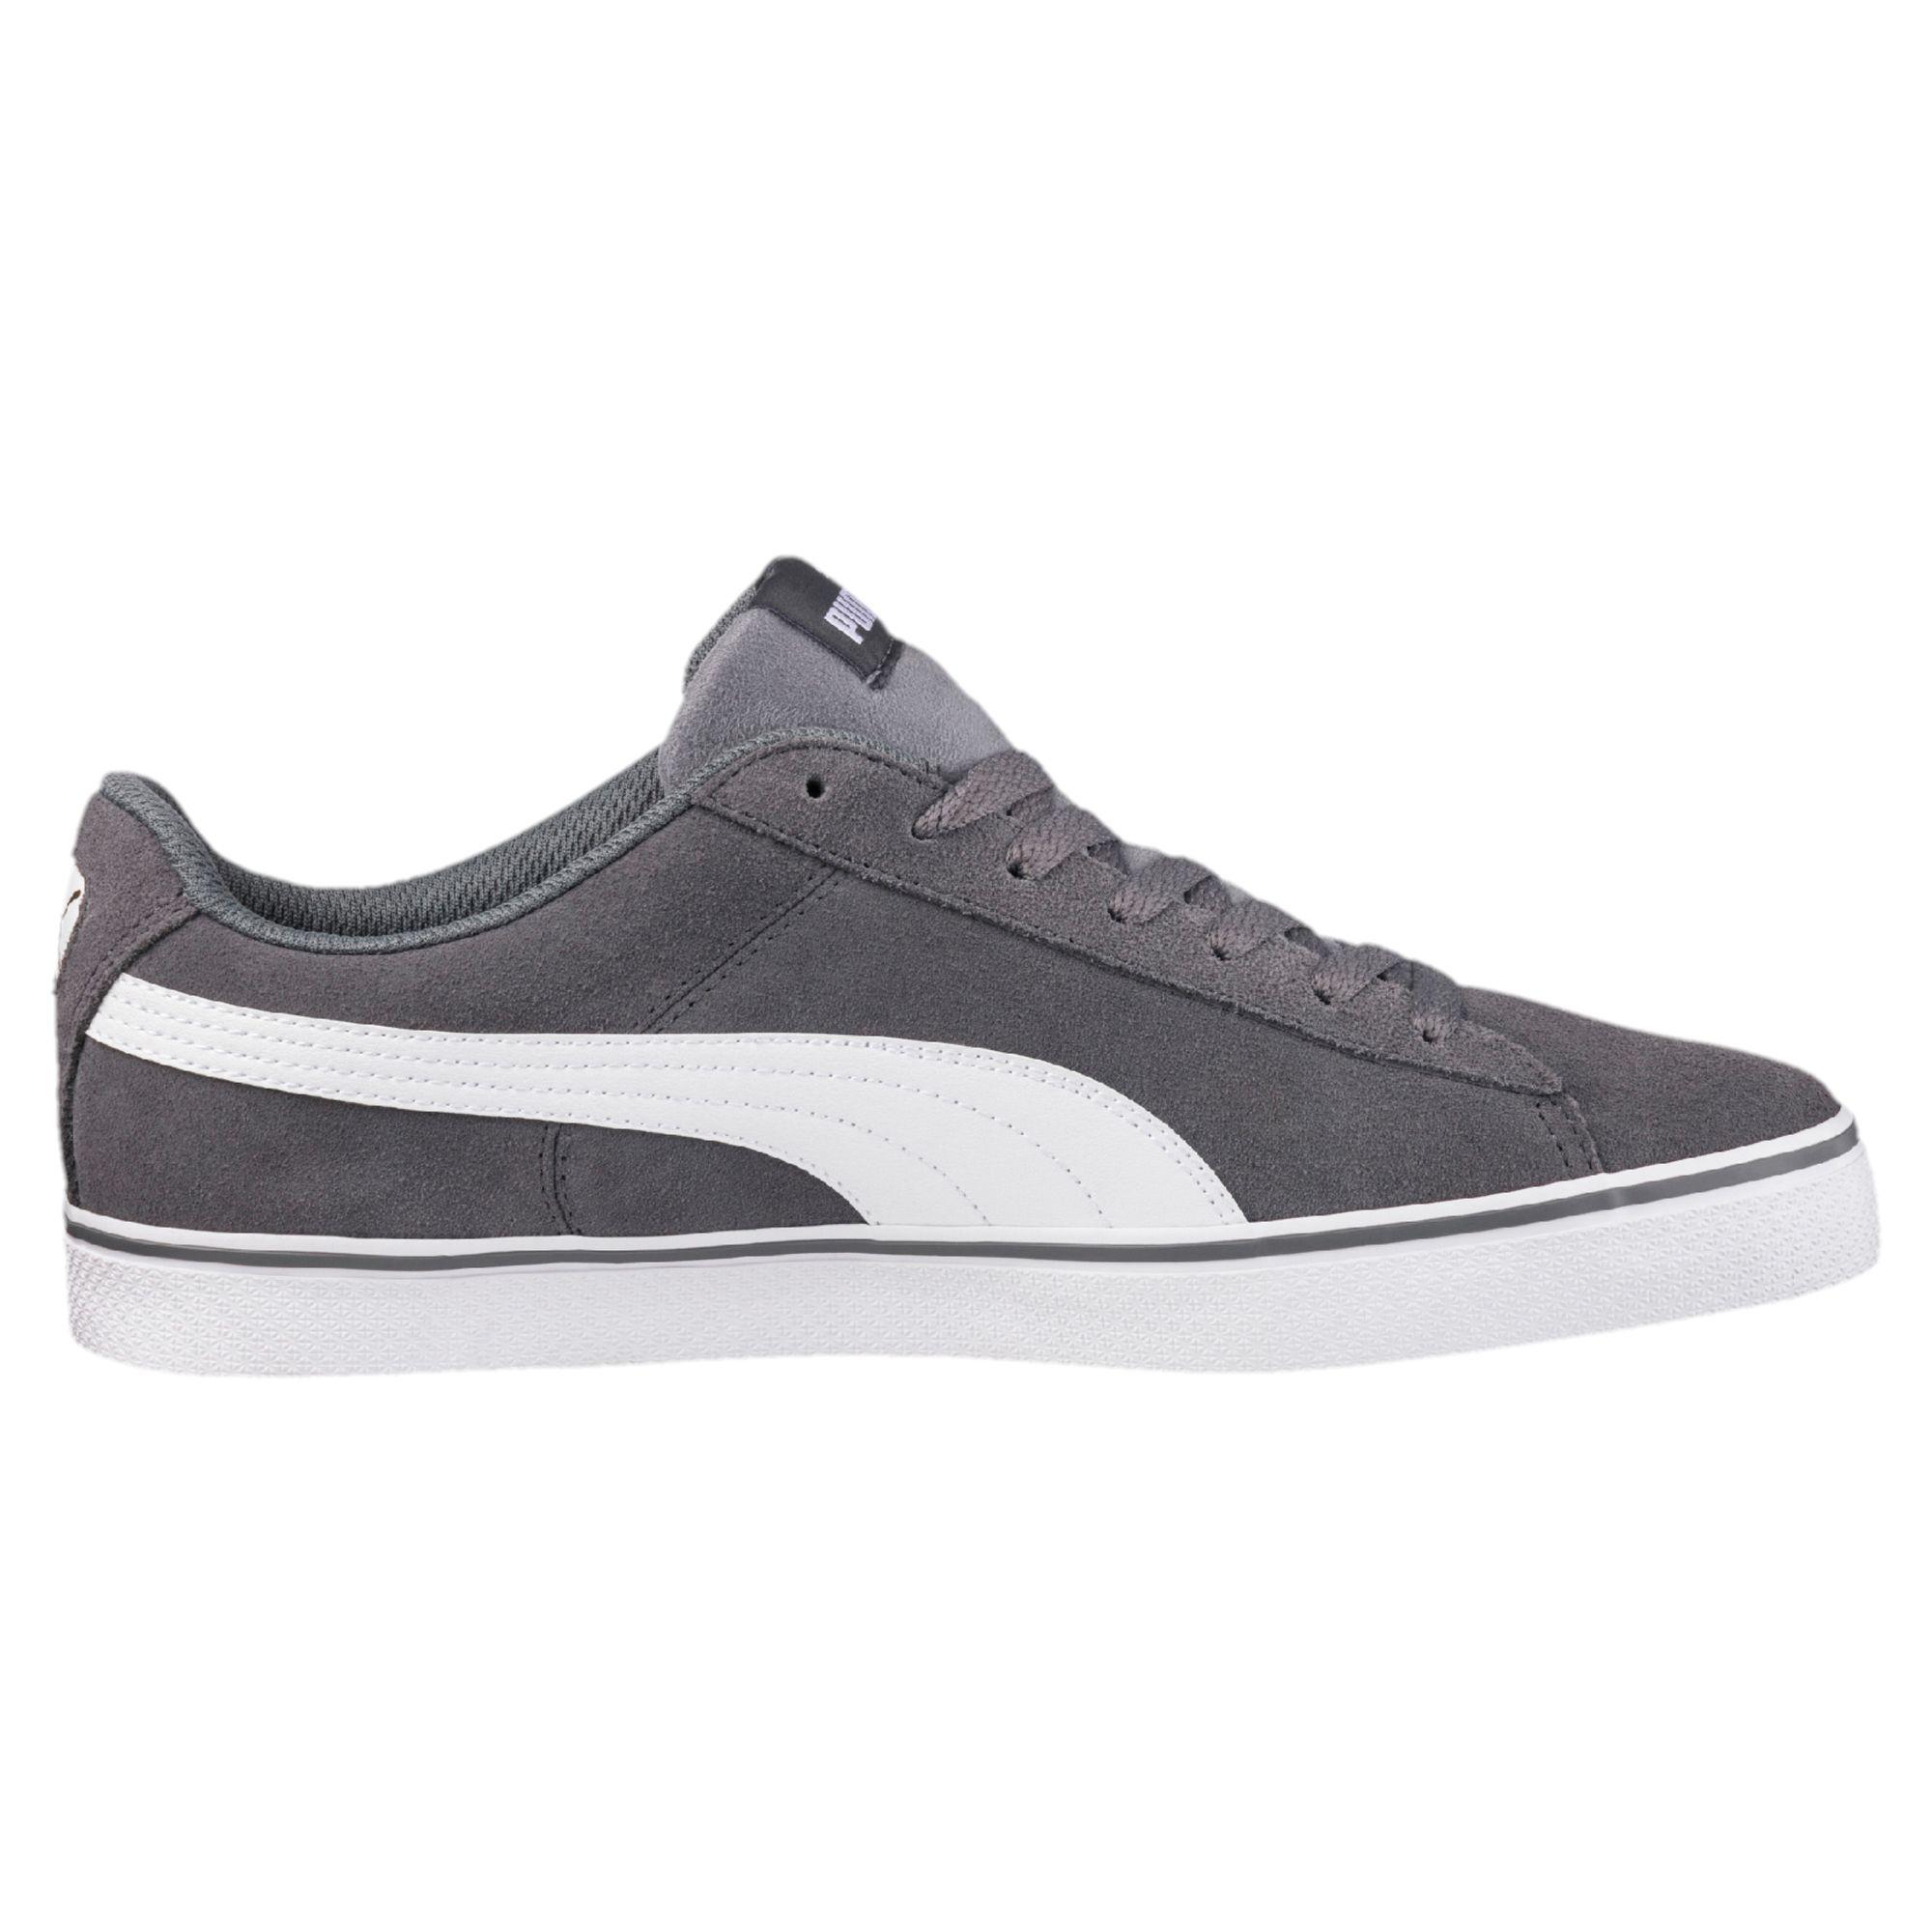 wholesale dealer 923a2 a6cdb ... Puma 1948 Vulc entrenadores hombre zapatos Basics nuevo nuevo nuevo  casual salvaje 1a1a2f ...